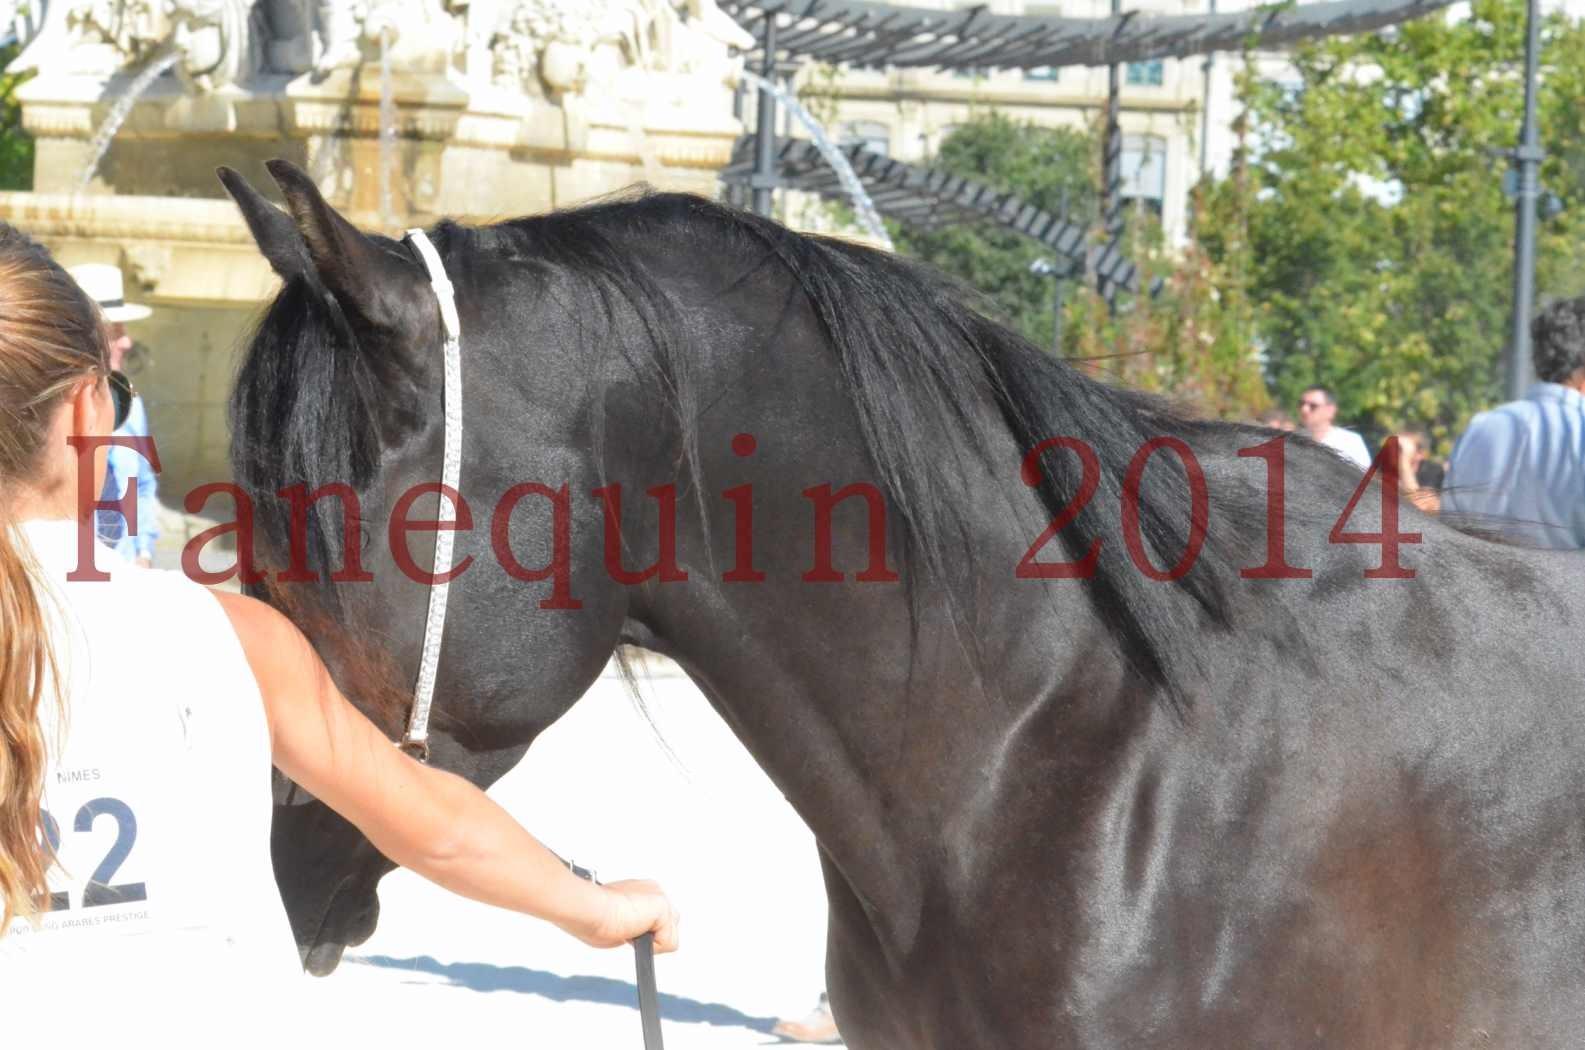 Concours National de Nîmes de chevaux ARABES 2014 - Sélection - Portraits - BALTYK DE CHAUMONT - 08